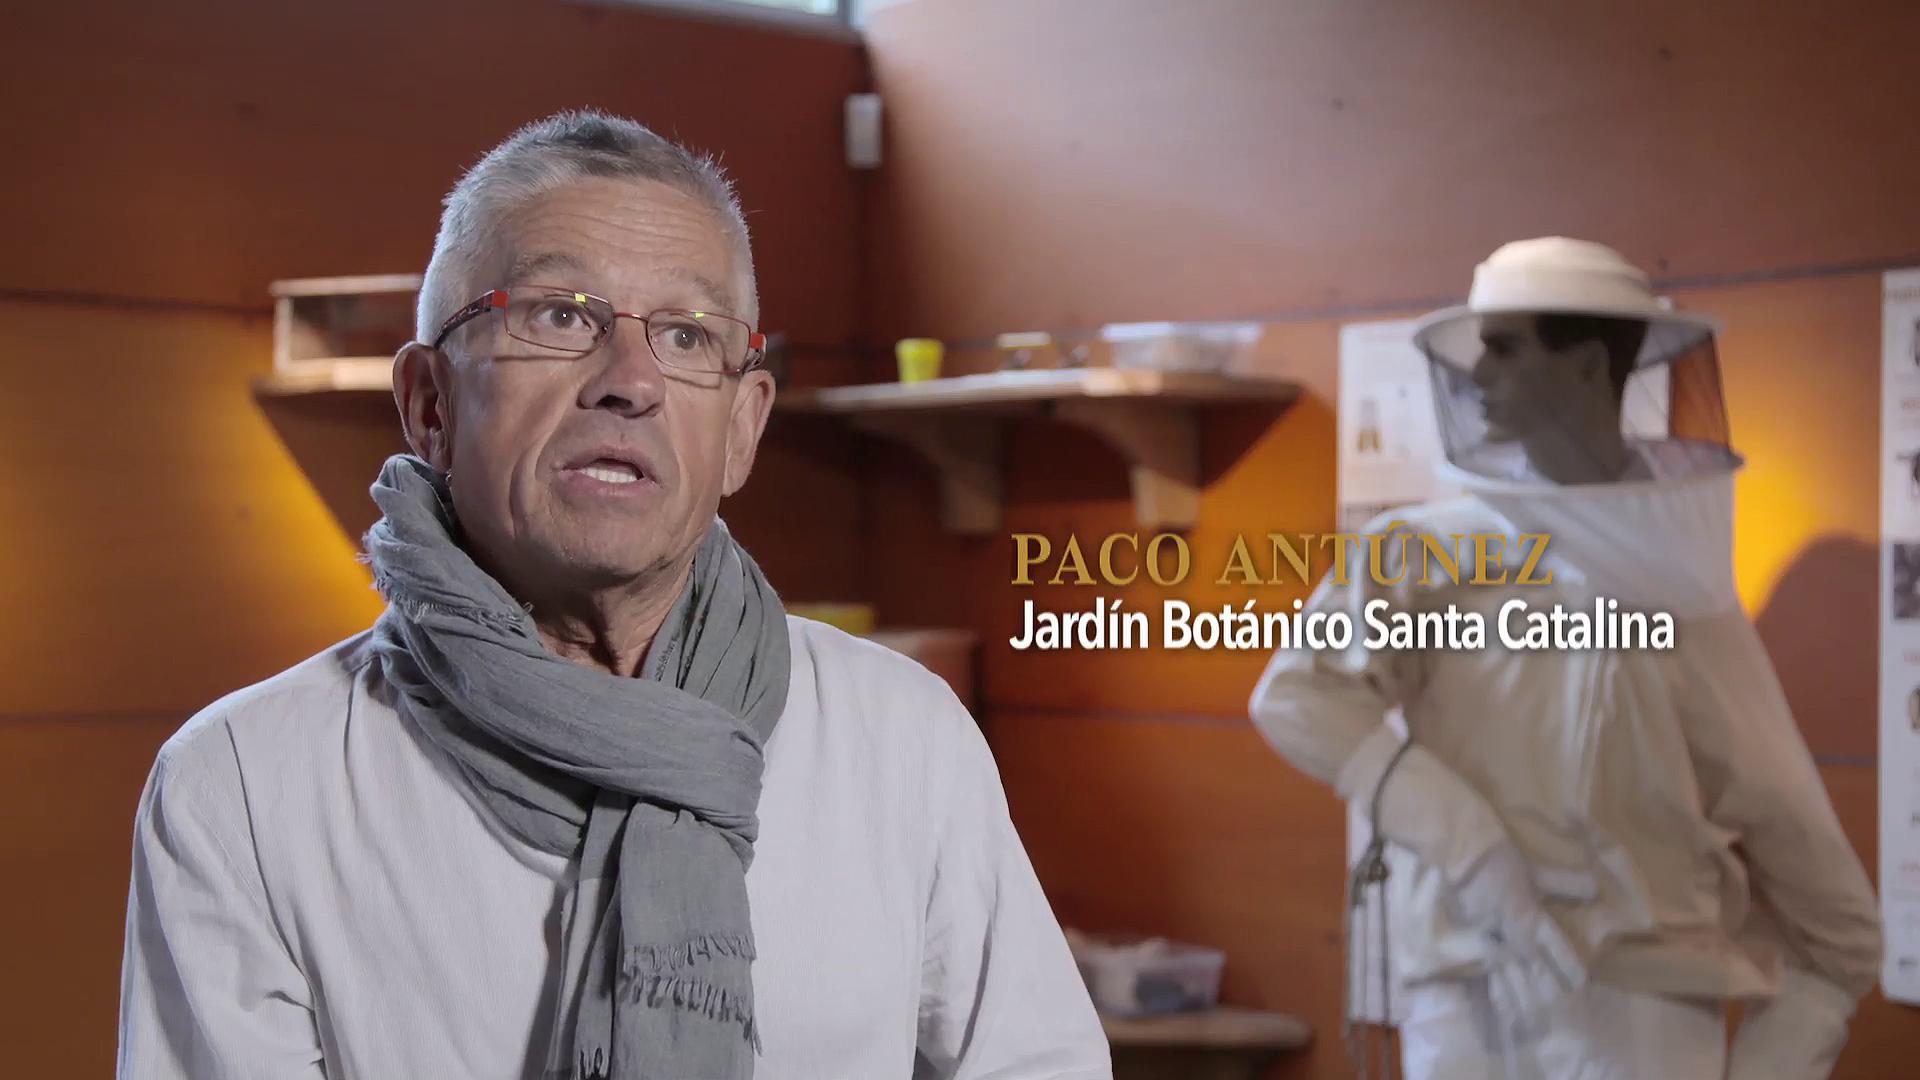 Premios Comercio y Turismo 2016. Jardín botánico de Santa Catalina - Paco Antunez